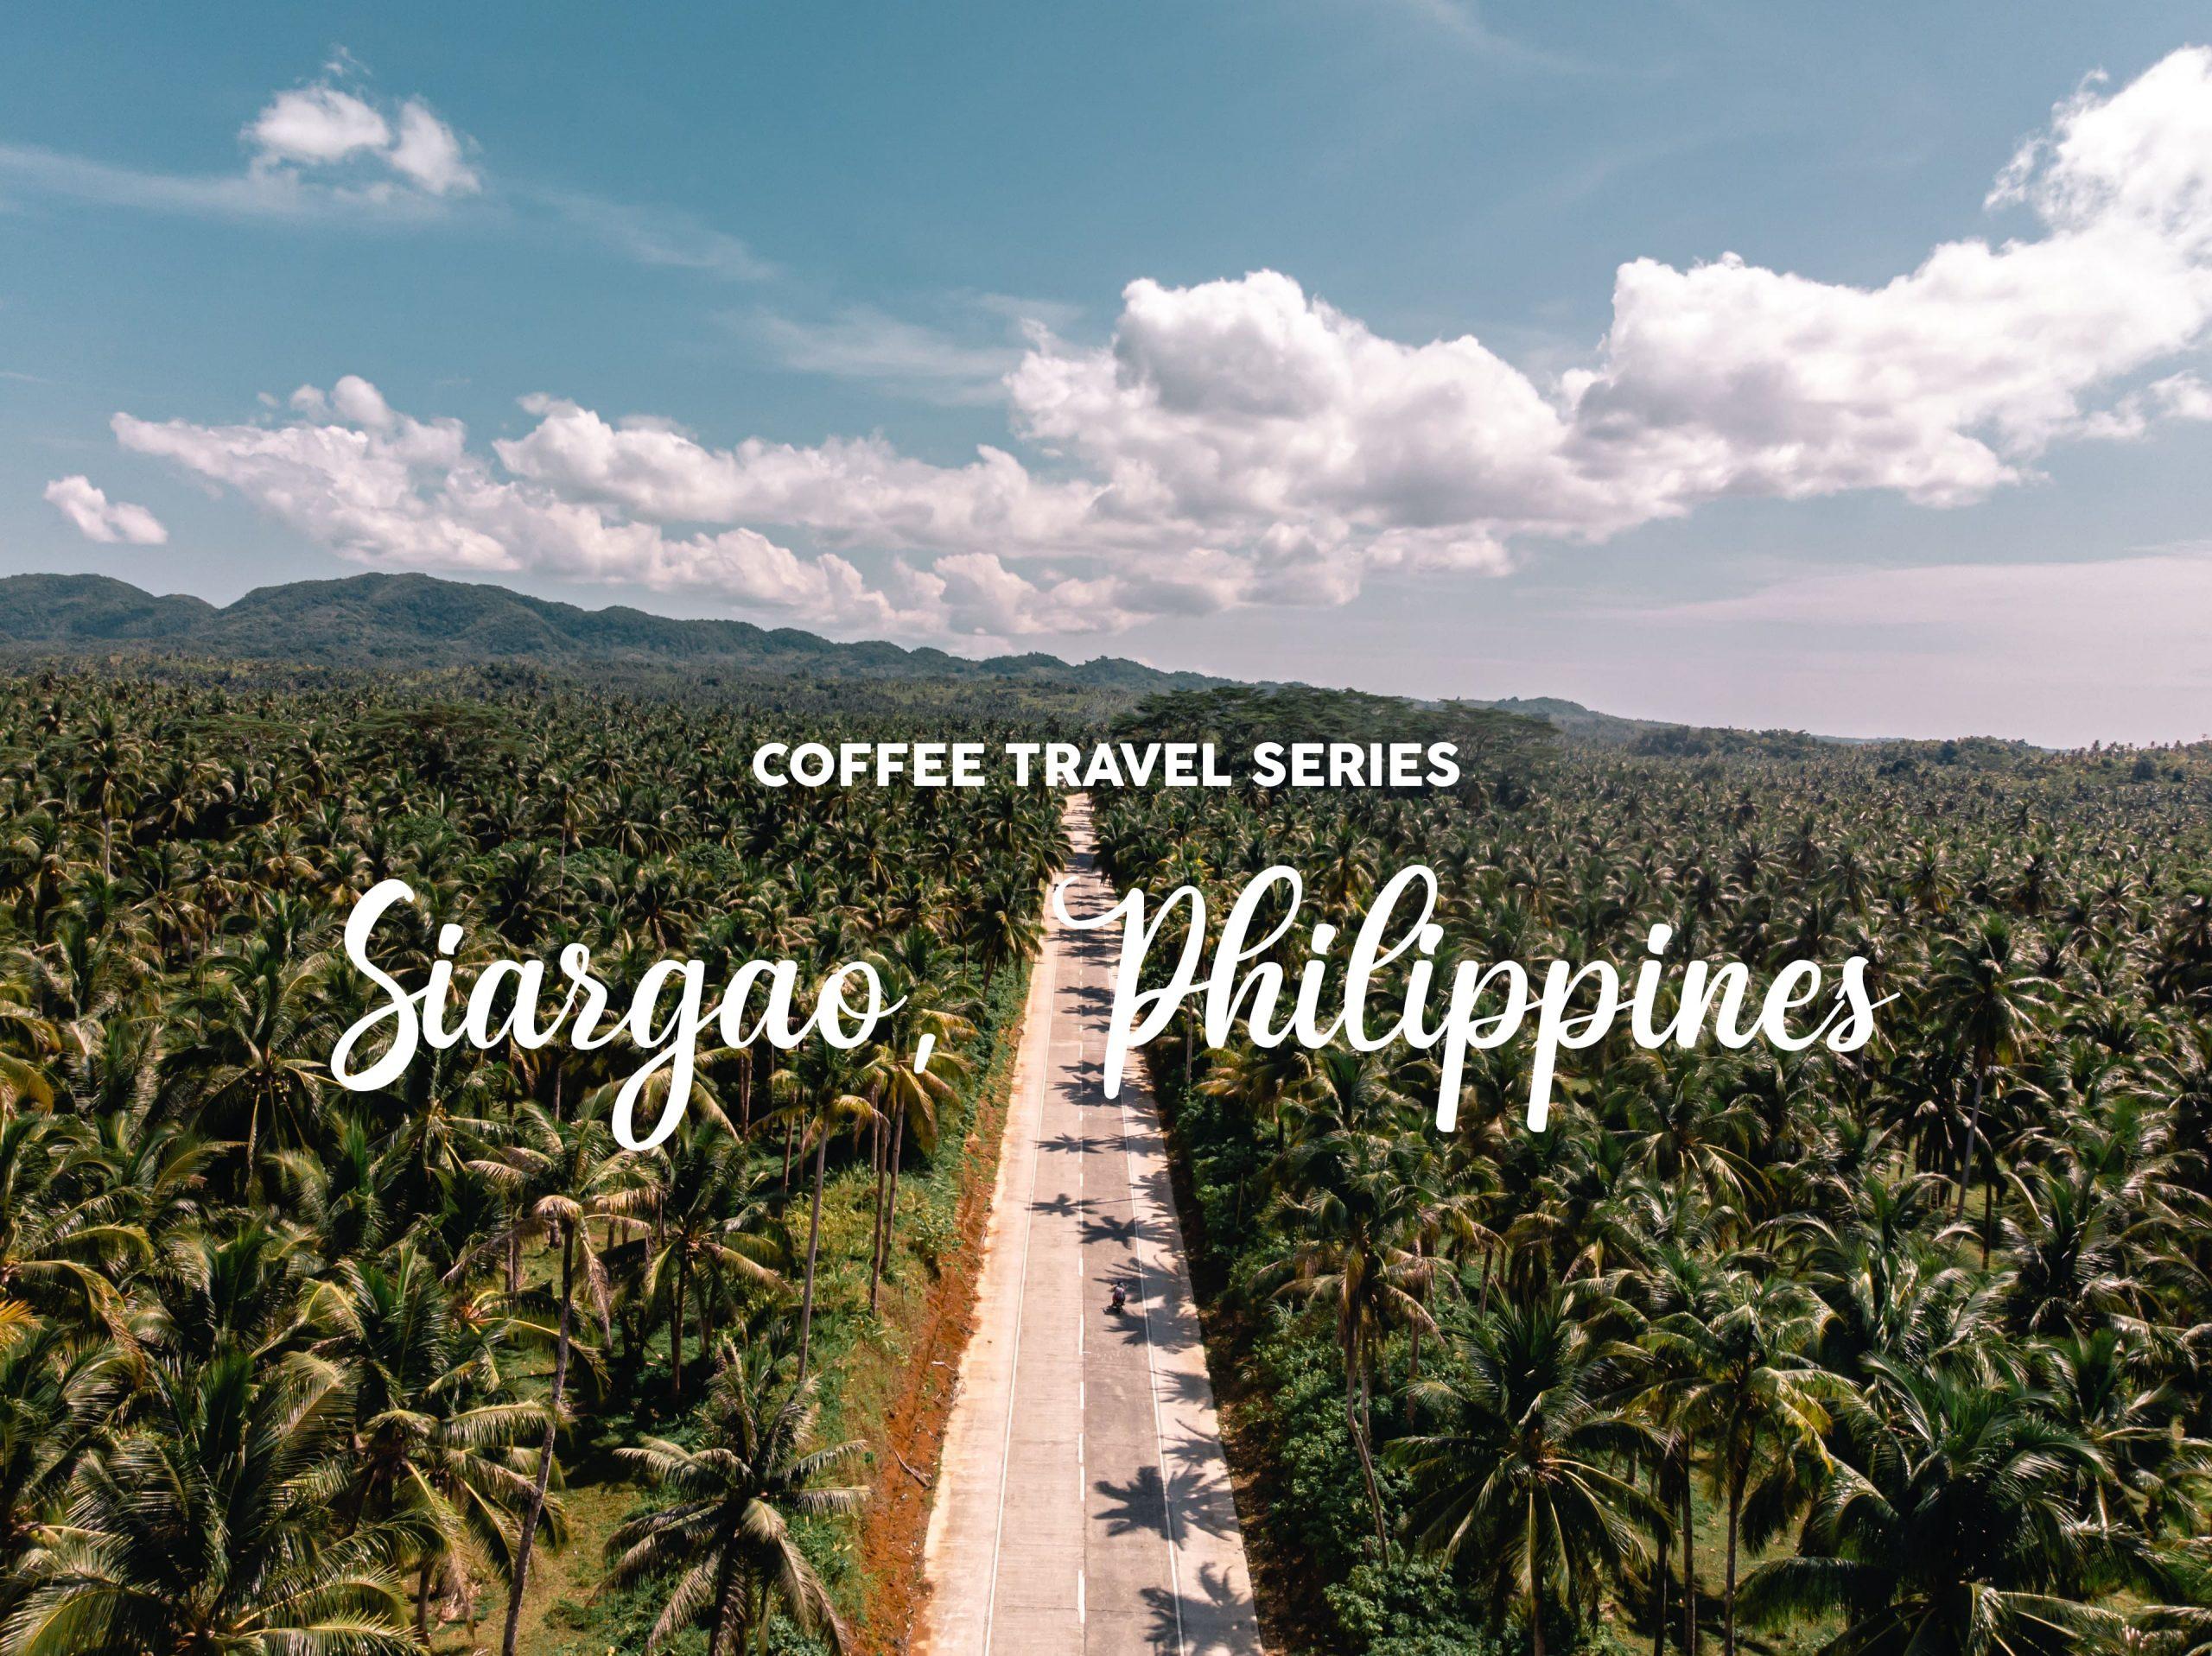 Best Coffee Shops in Siargao